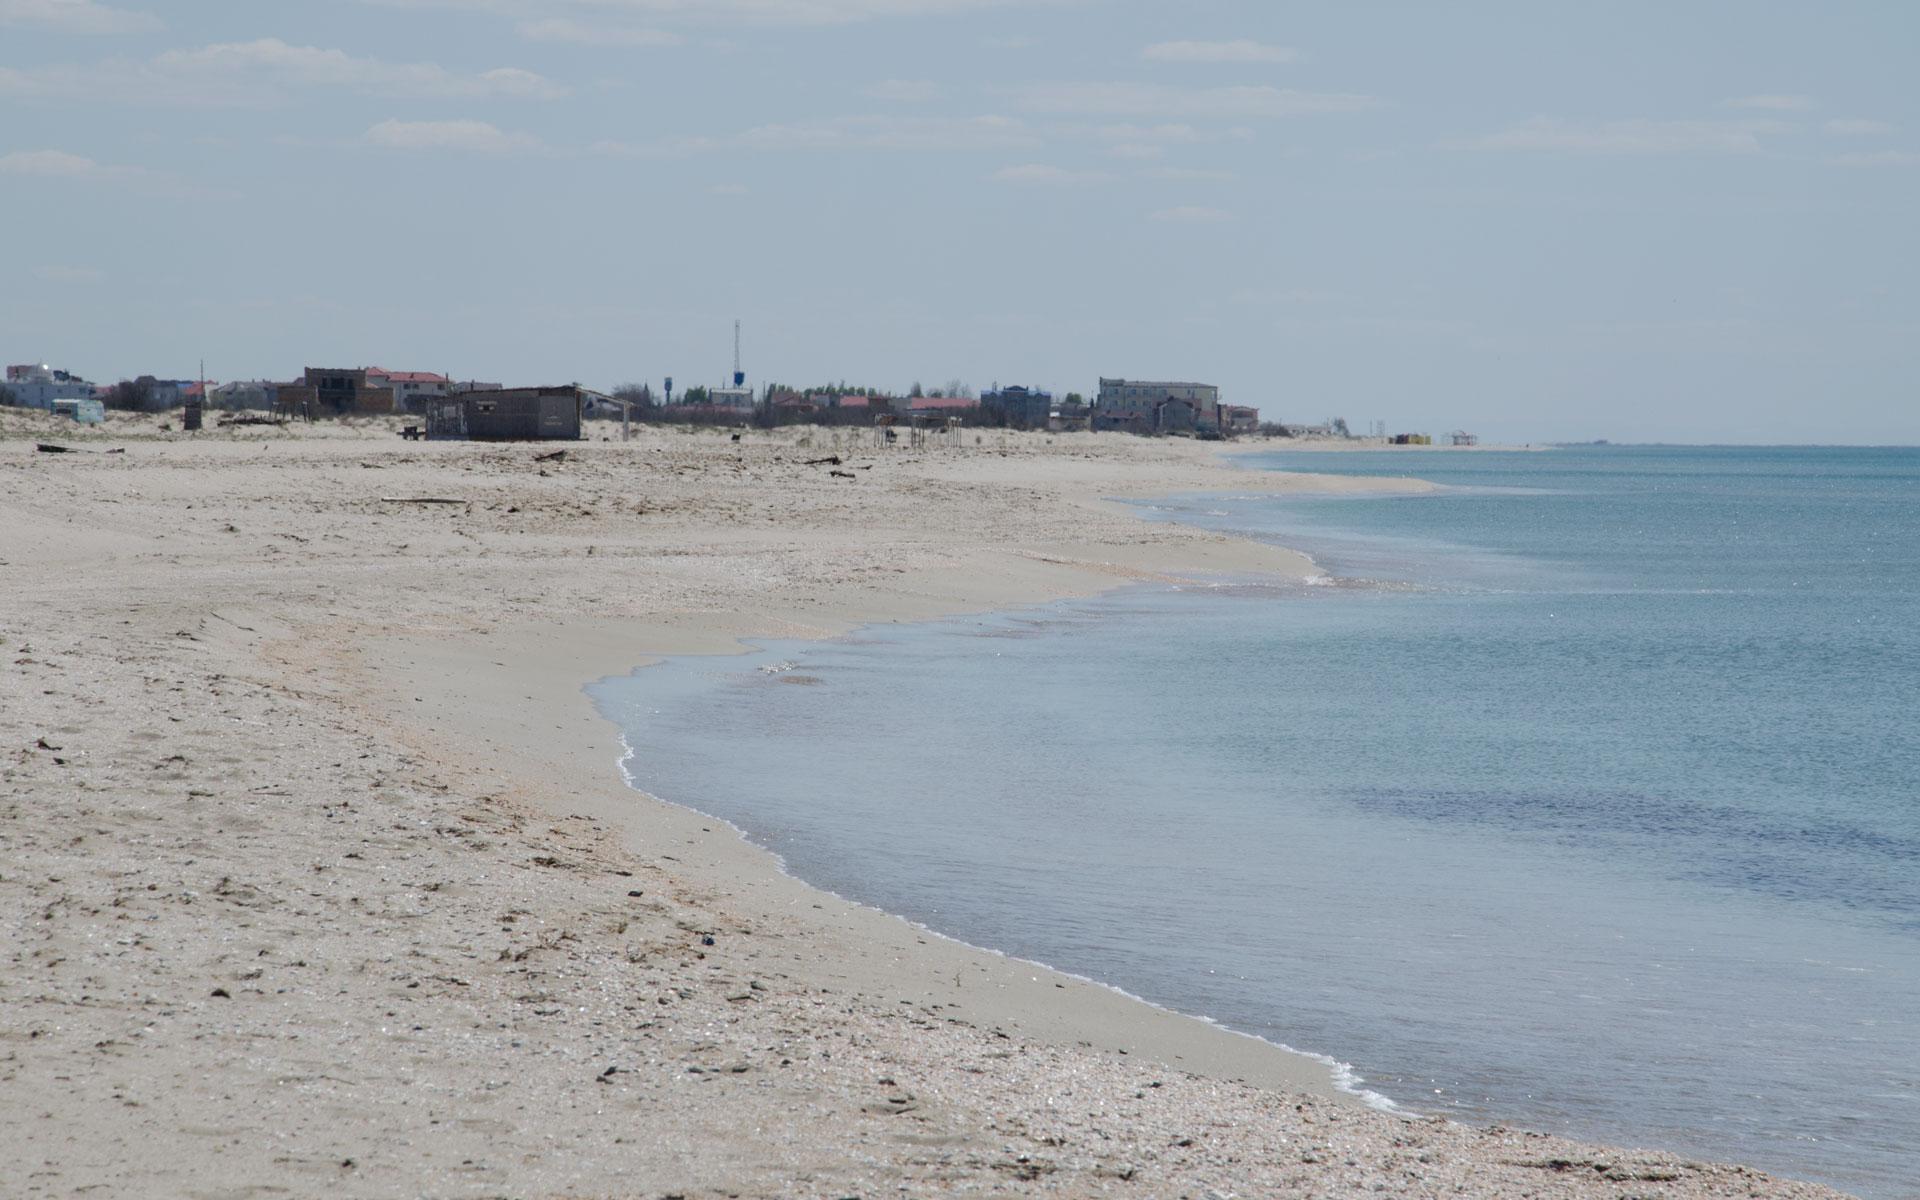 Пляж. Мирный. Апрель 2019. Фото Мирного